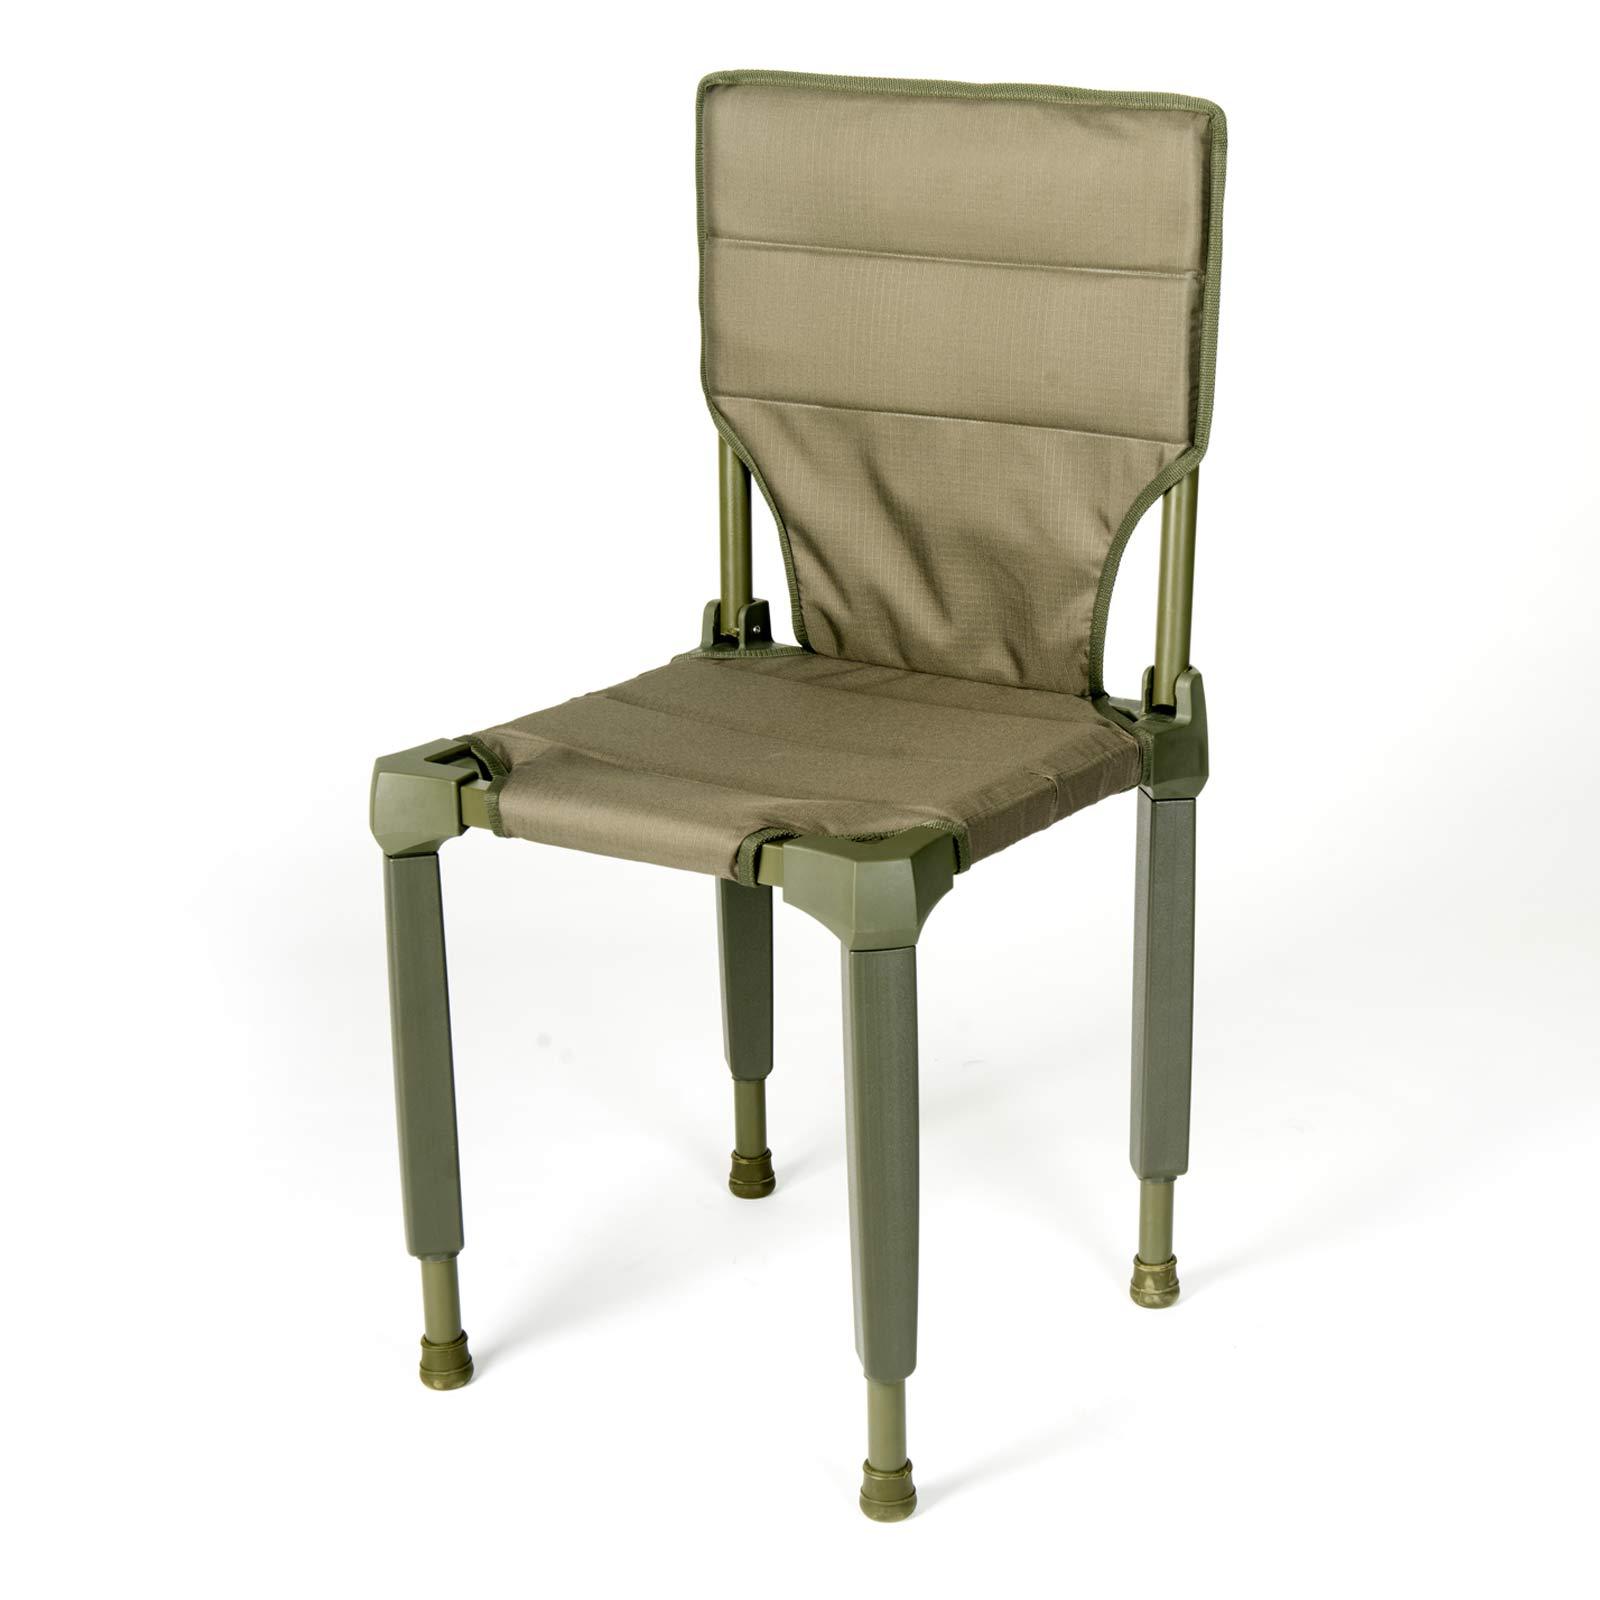 campingstuhl angelstuhl faltbar oliv klappstuhl alu faltstuhl regiestuhl ebay. Black Bedroom Furniture Sets. Home Design Ideas